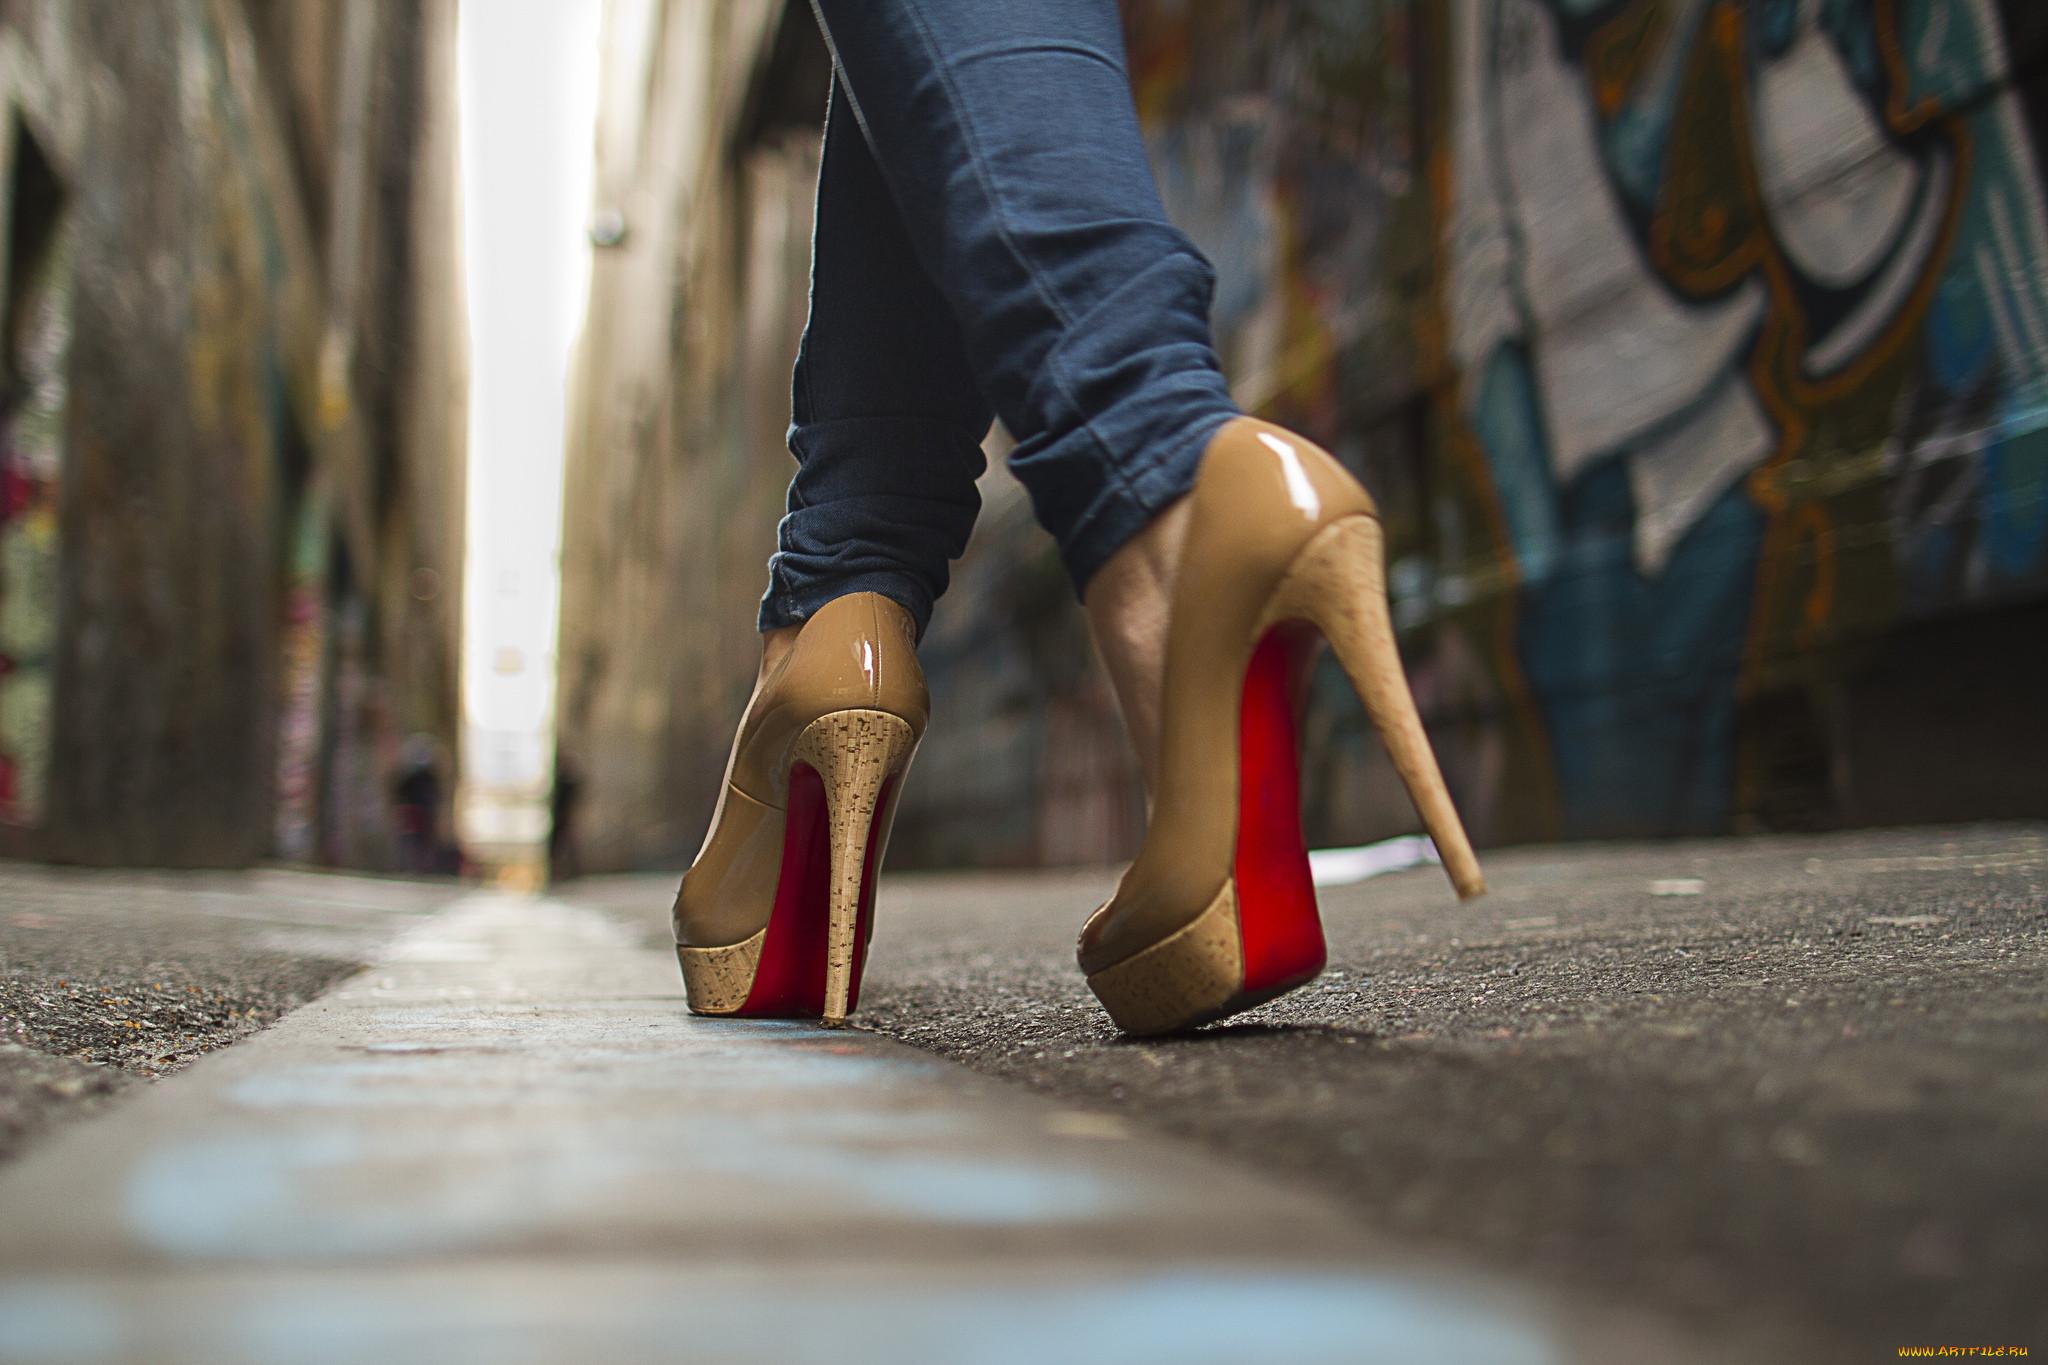 Туфли на девушке 7 фотография